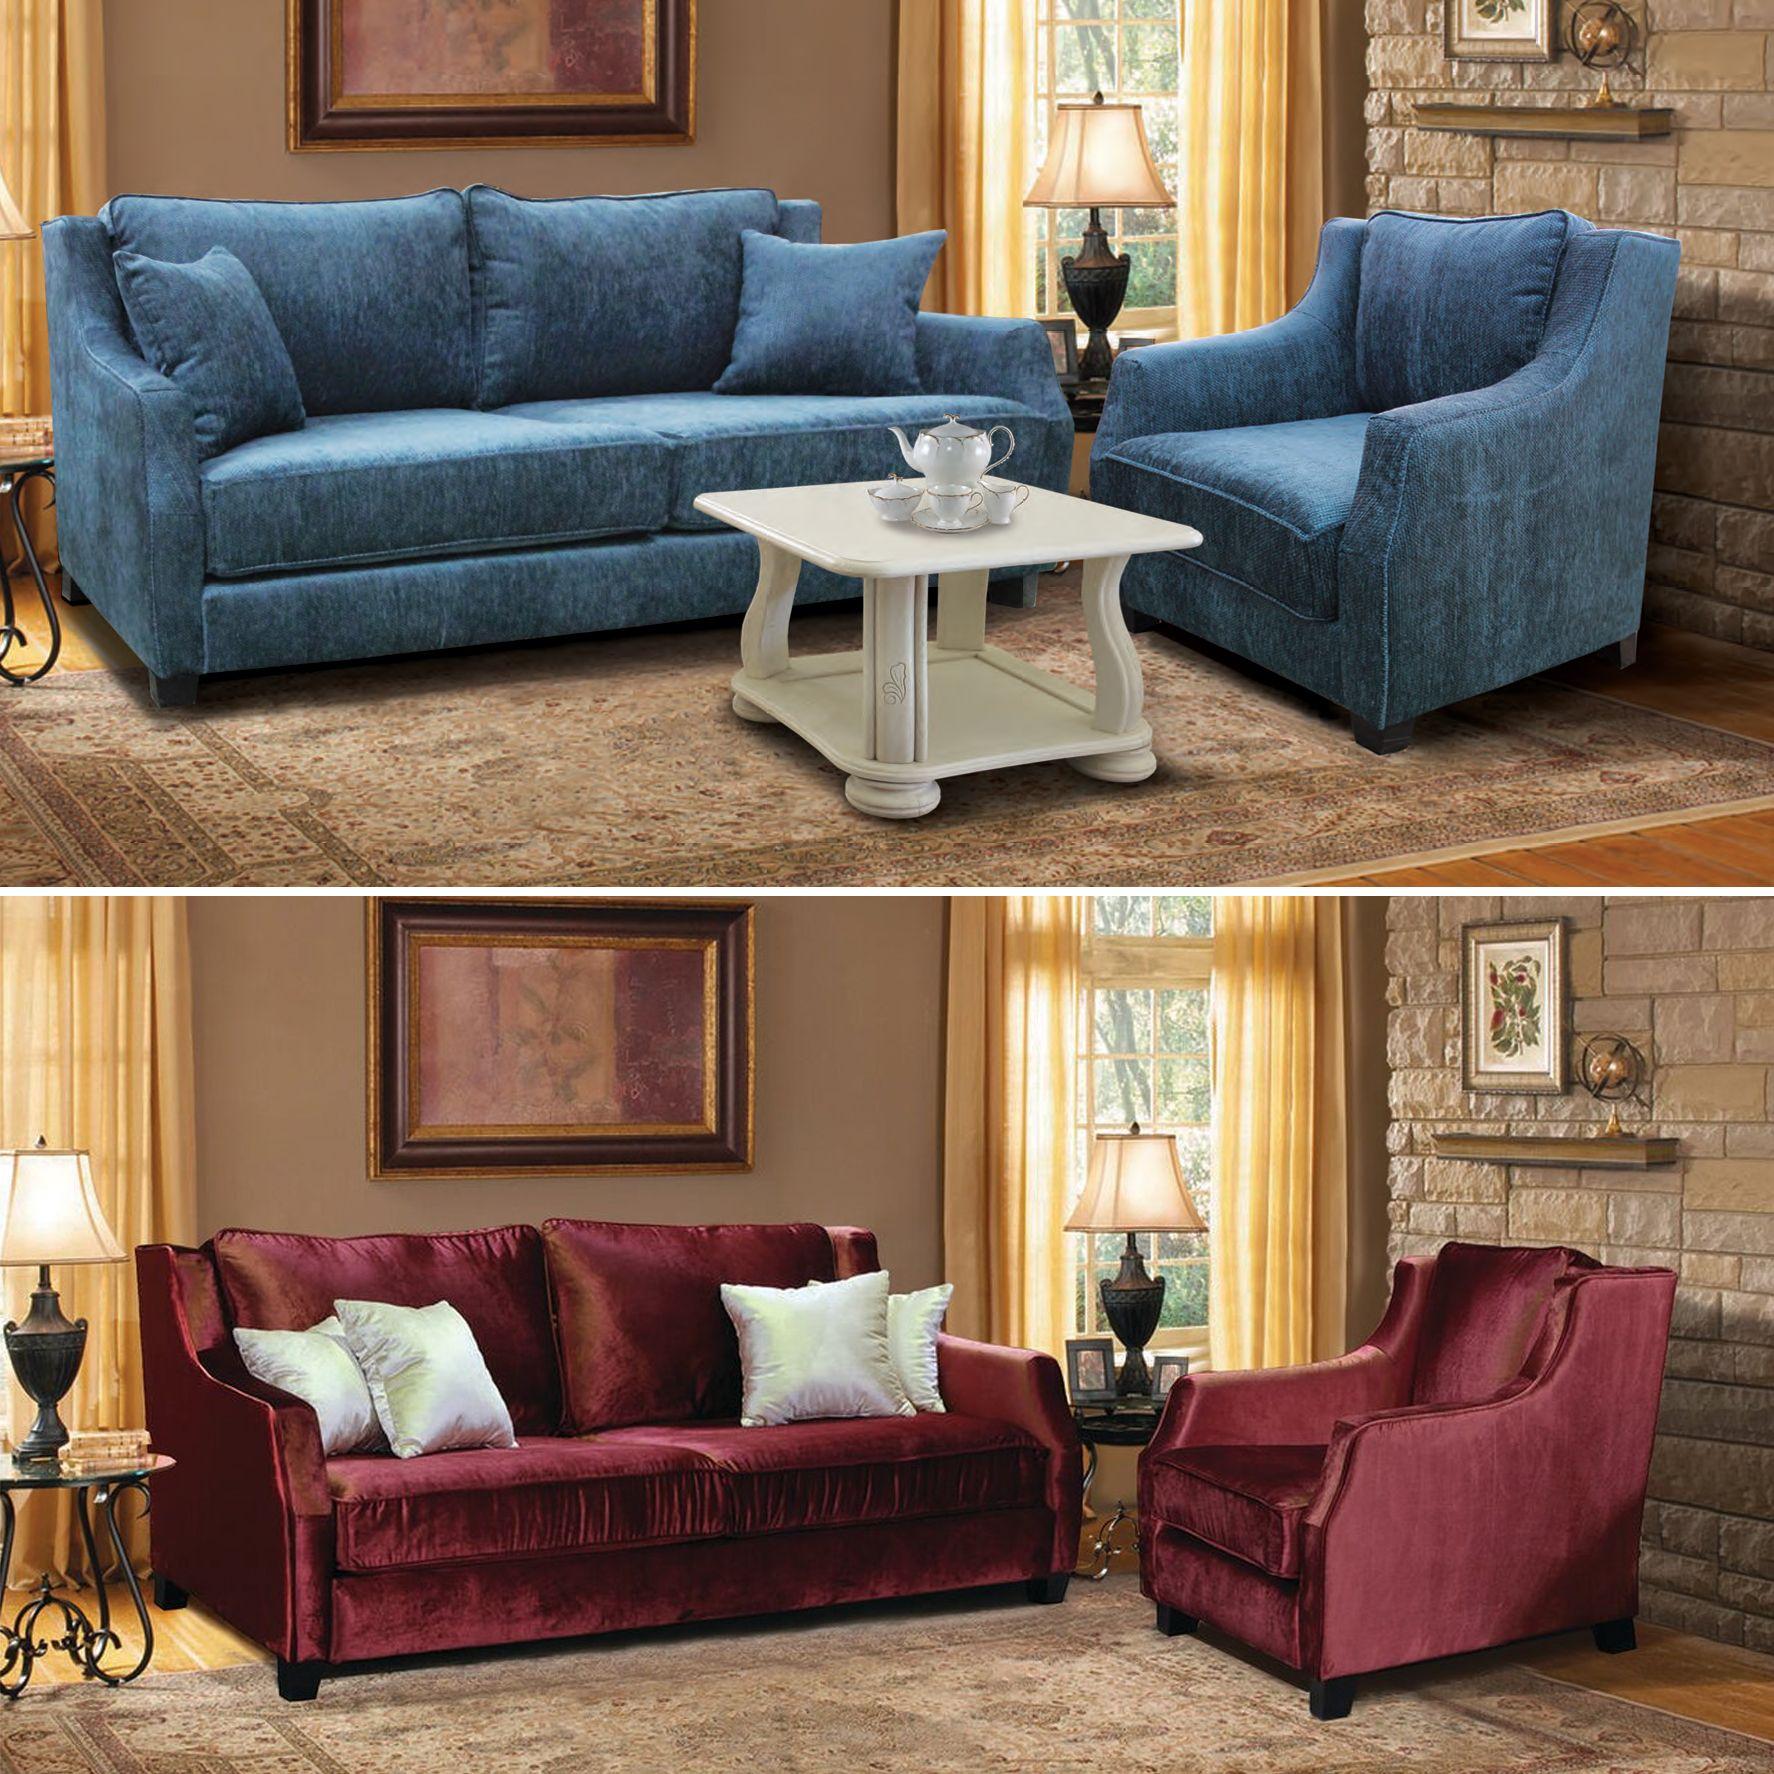 Brighton Couchgarnitur 2 Sitzer Schlafcouch Mit 2 Sesseln Blau Rot In 2020 Sessel Couch Couch Mit Schlaffunktion